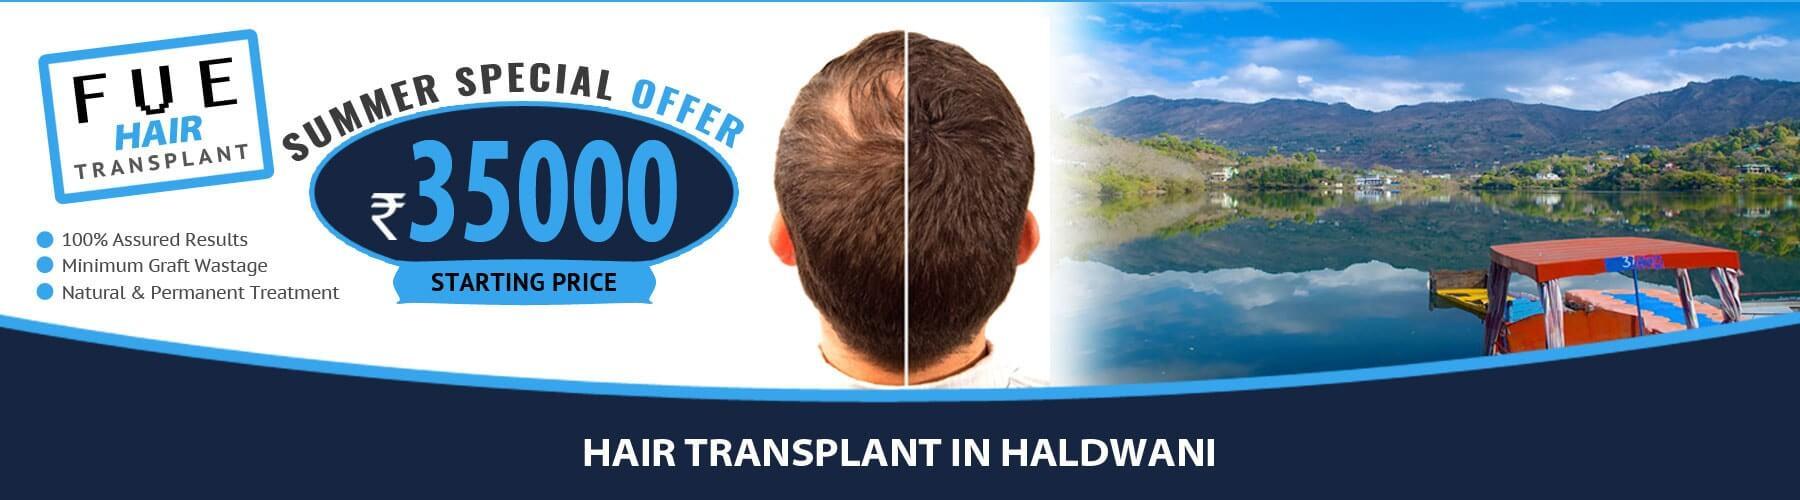 Hair Transplant Haldwani